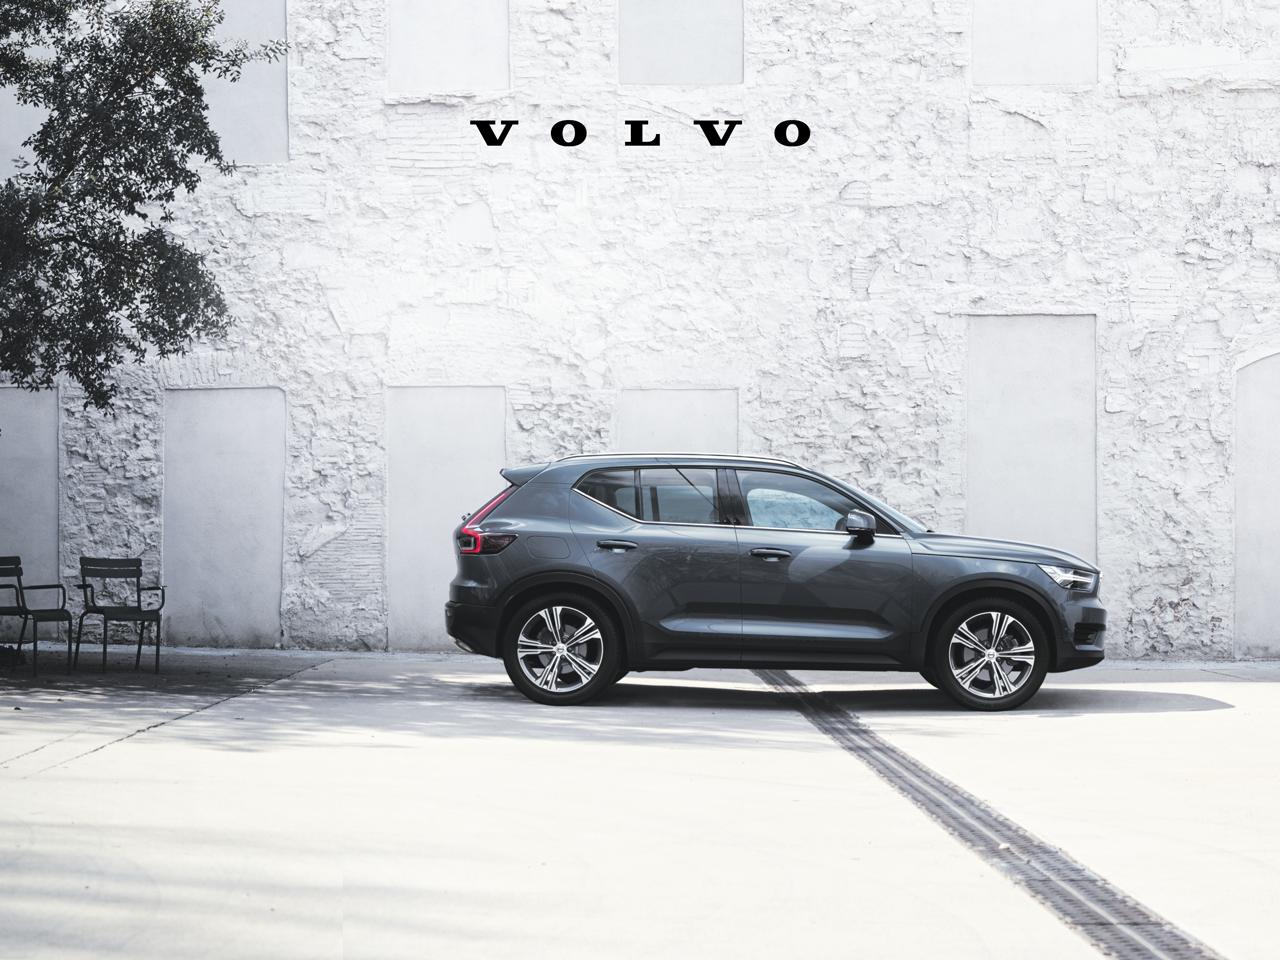 Volvo -kesä on täällä